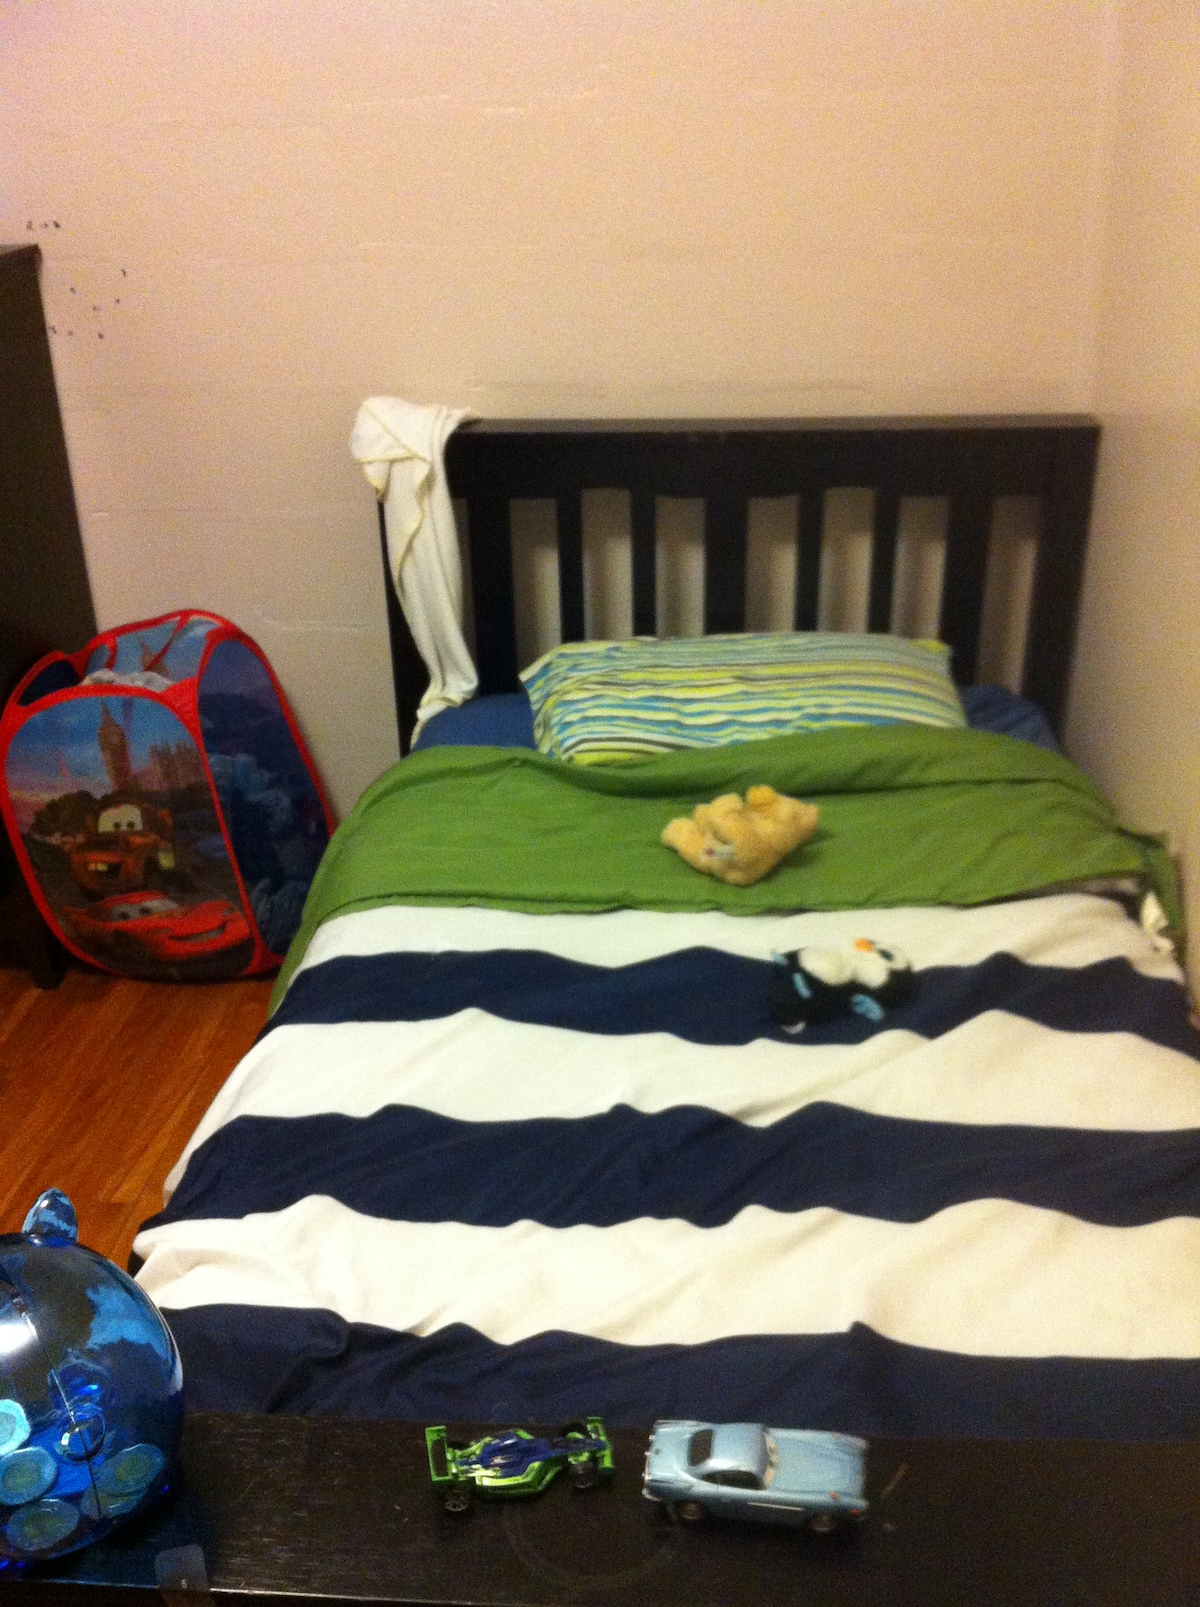 One Cozy Room